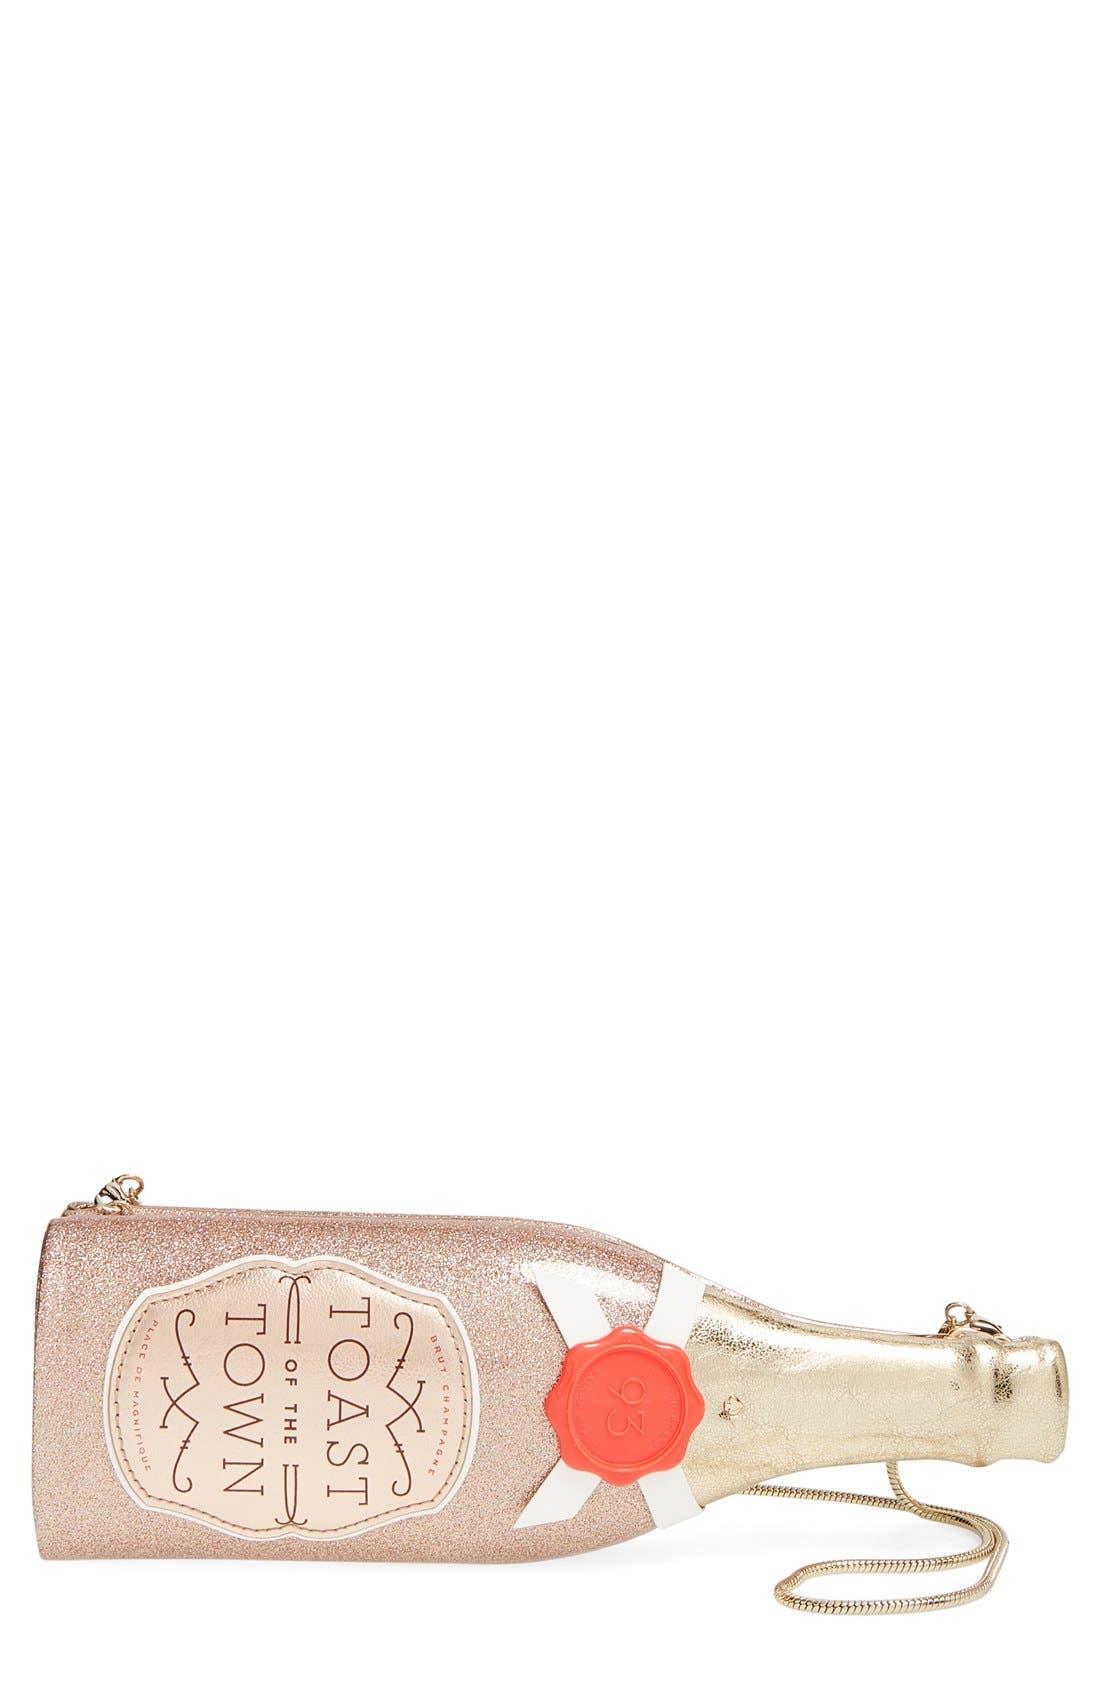 'champagne bottle' clutch,                             Main thumbnail 1, color,                             710